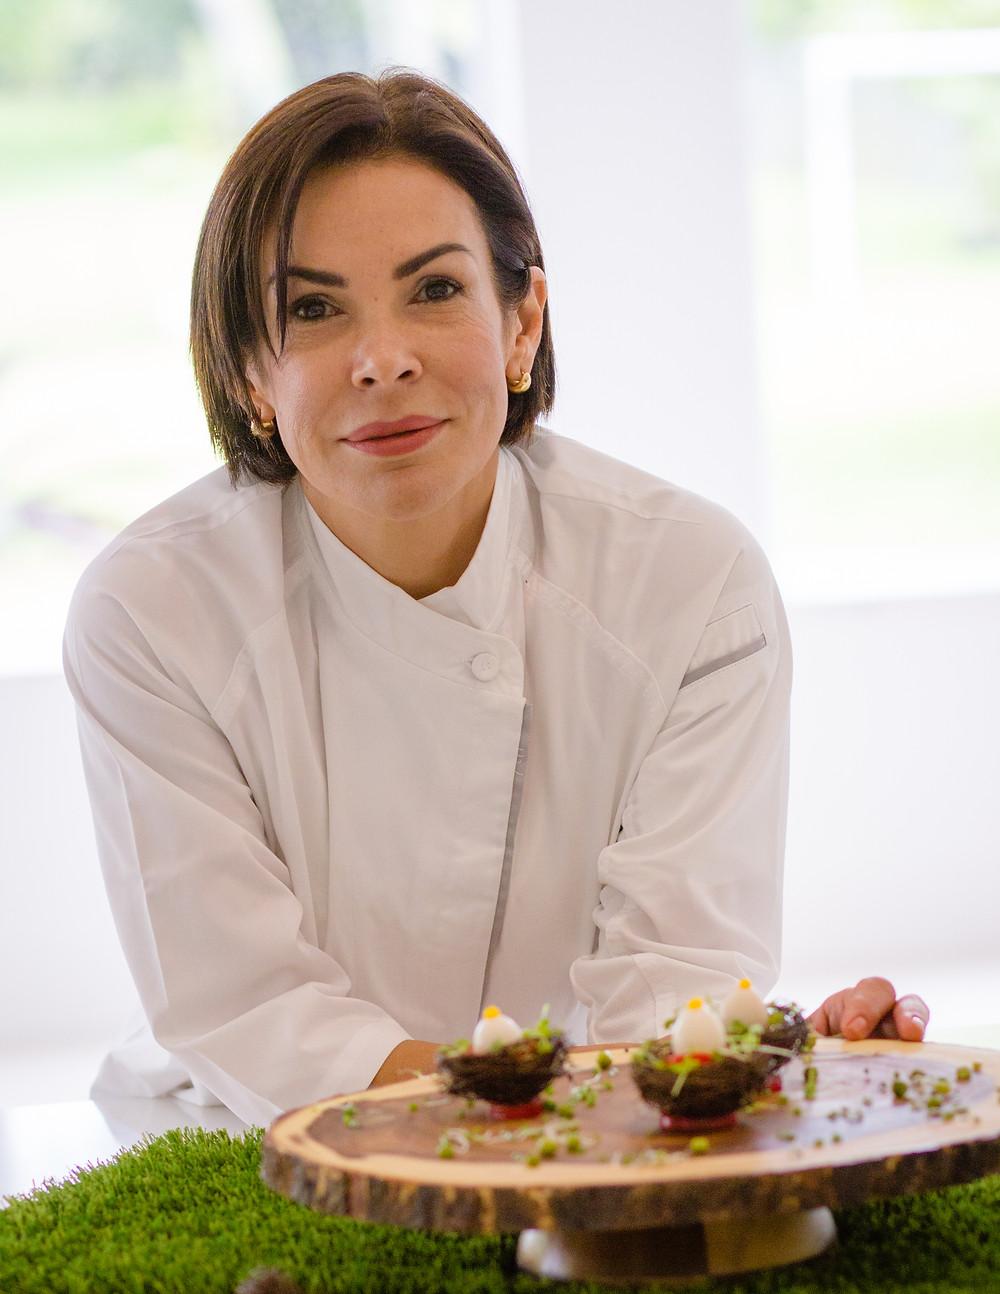 Imagreimy Salazar [Chef  de cocina internacional]